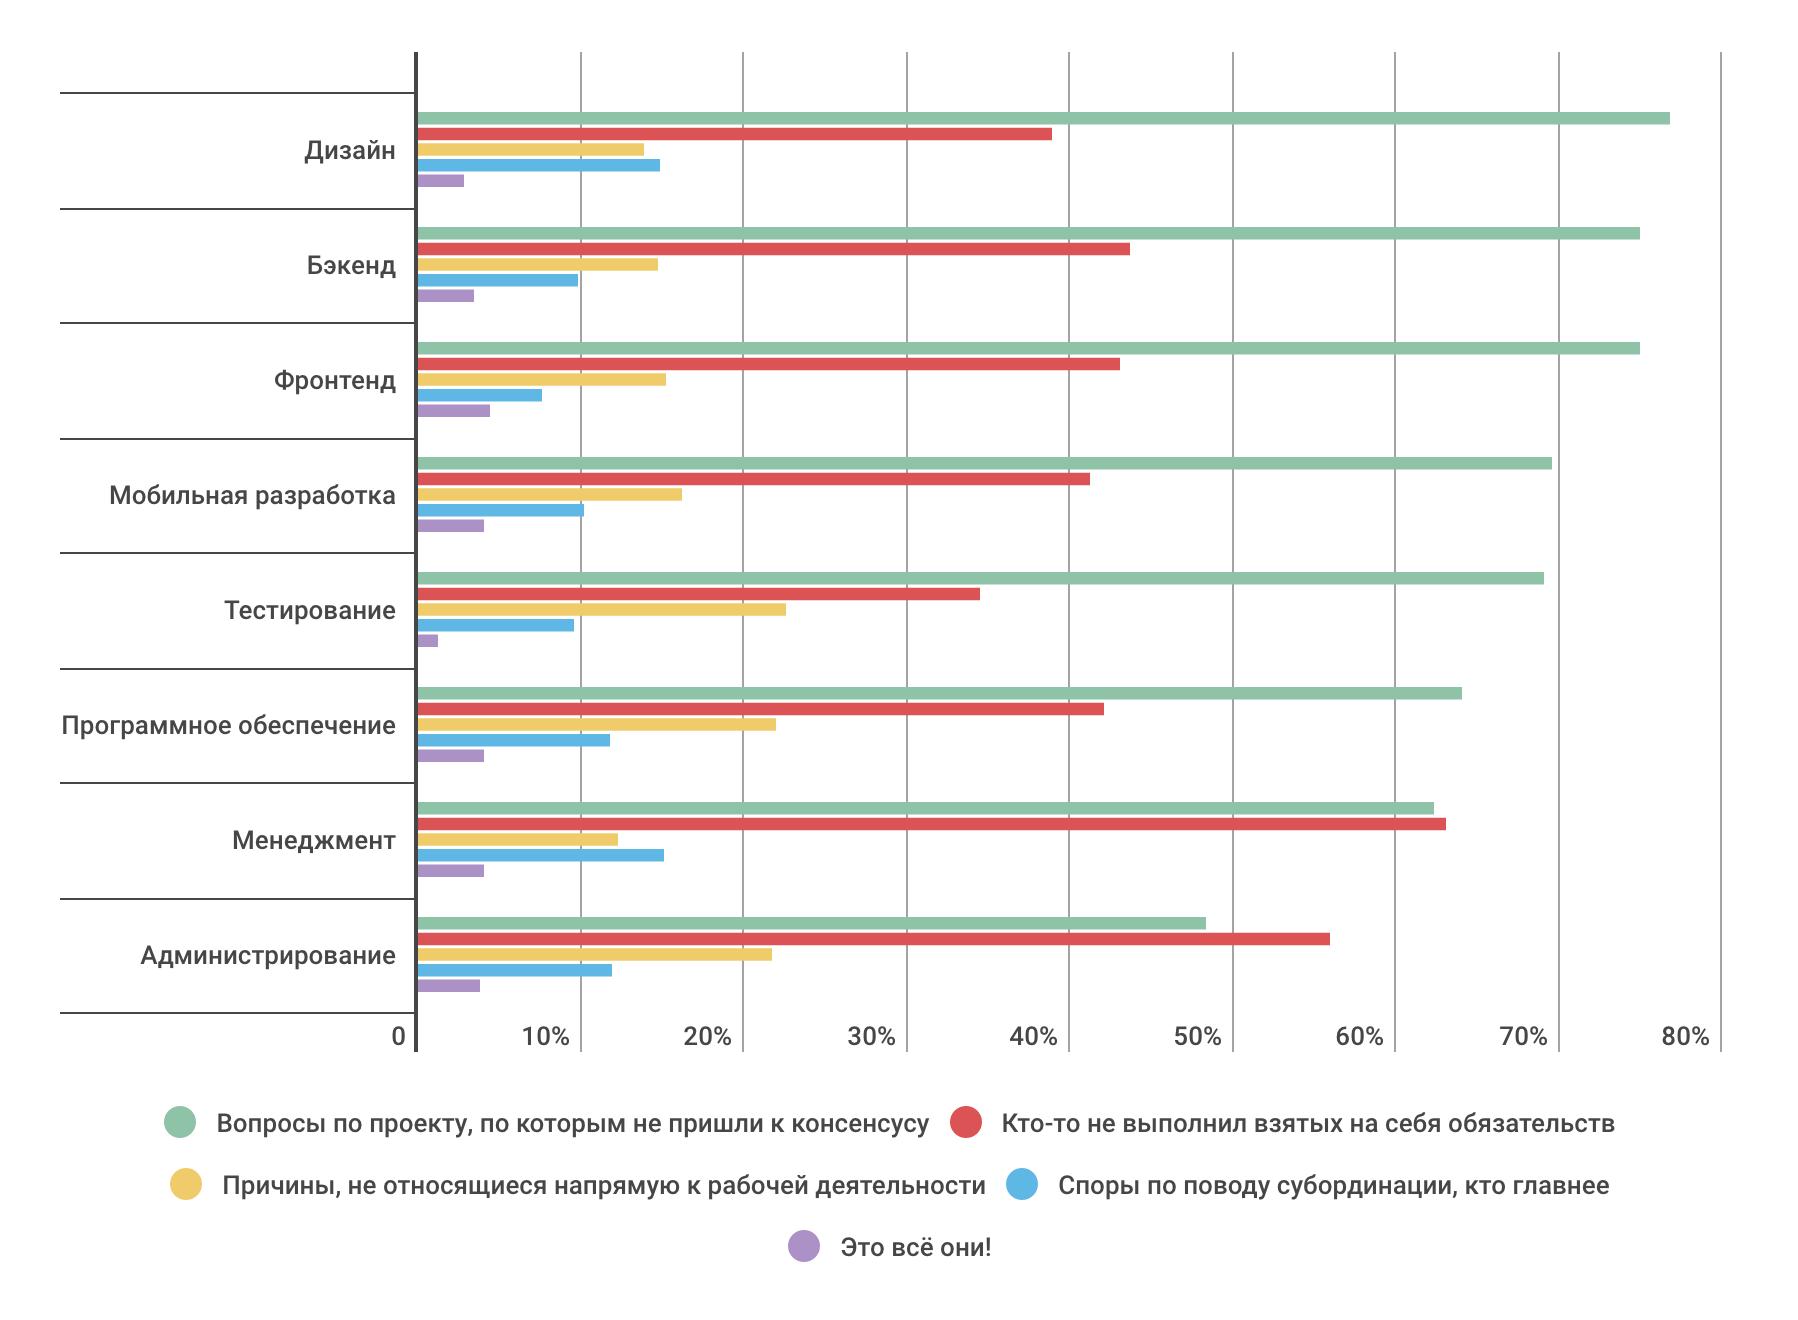 Насколько разработчики конфликтные — инфографика по результатам опроса на «Моем круге» - 8